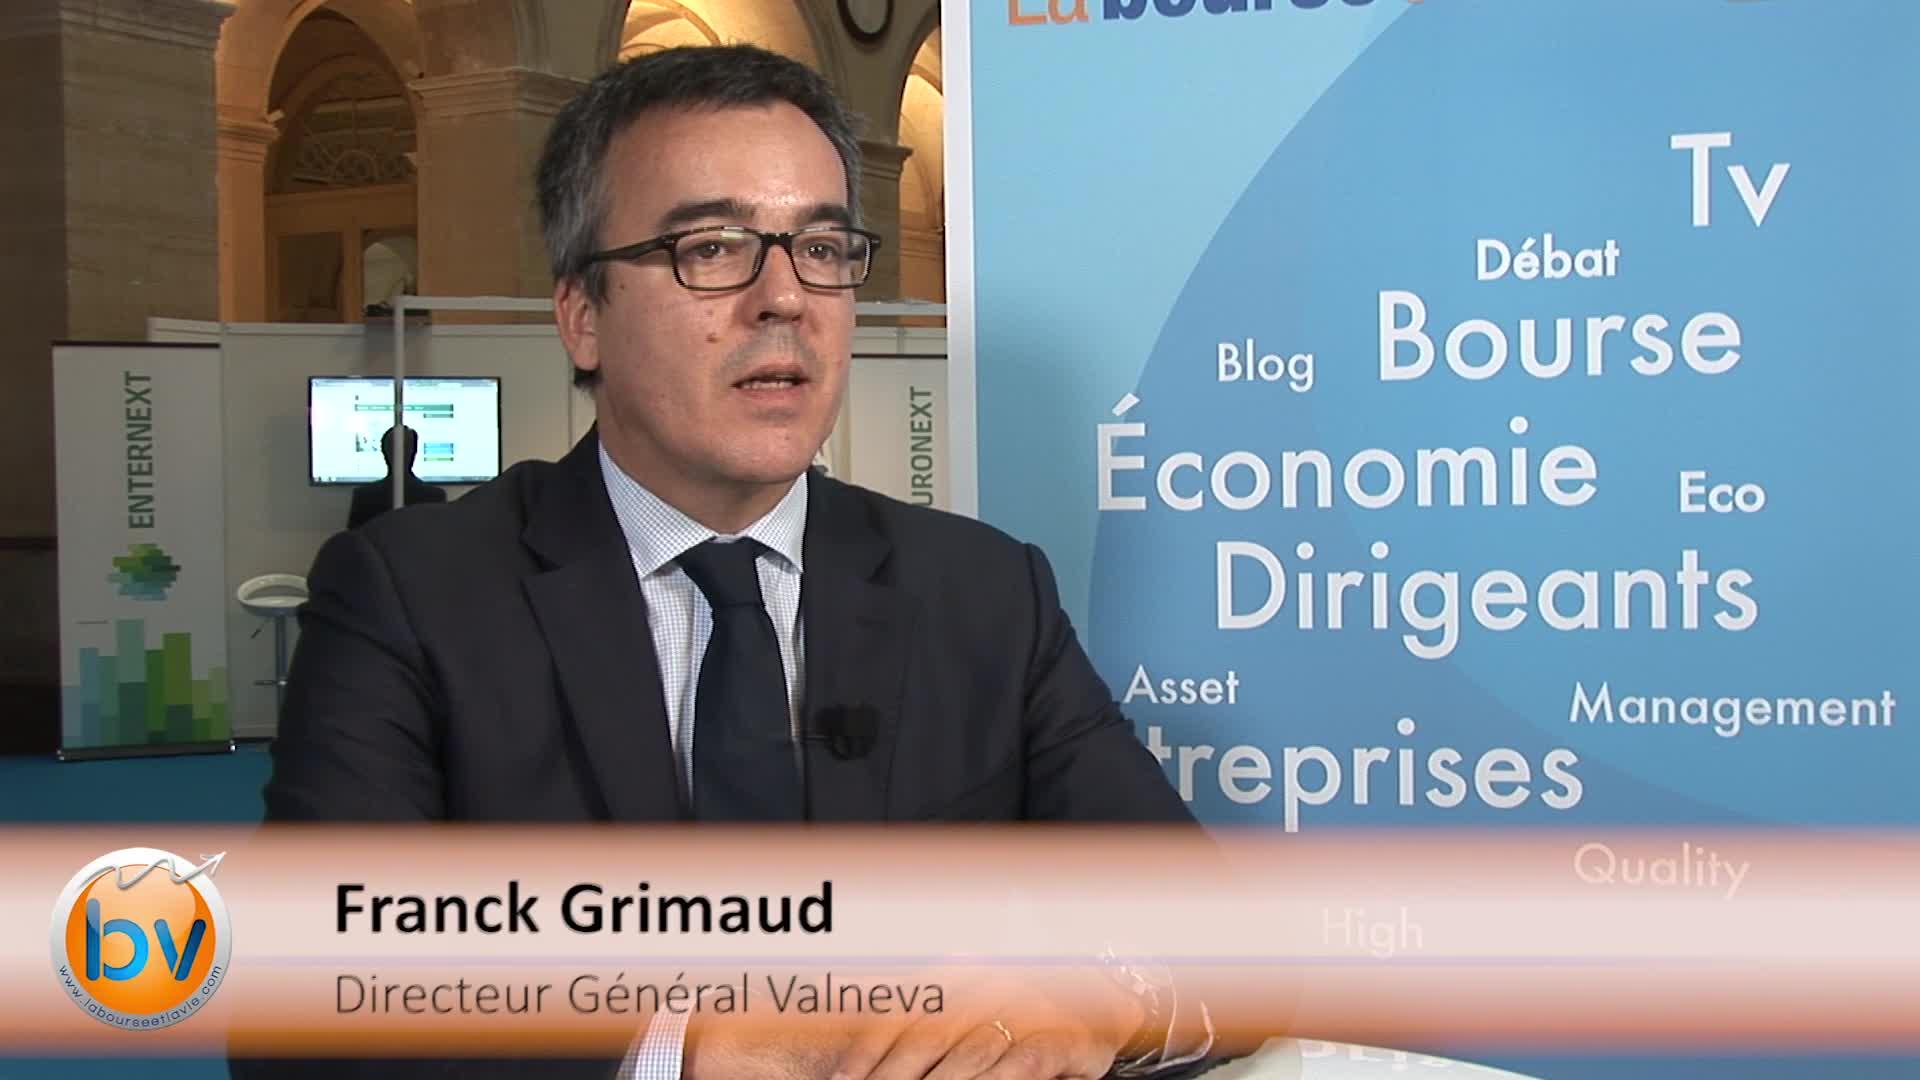 """Franck Grimaud Directeur Général Valneva : """"L'ambition de devenir le leader indépendant des vaccins"""""""